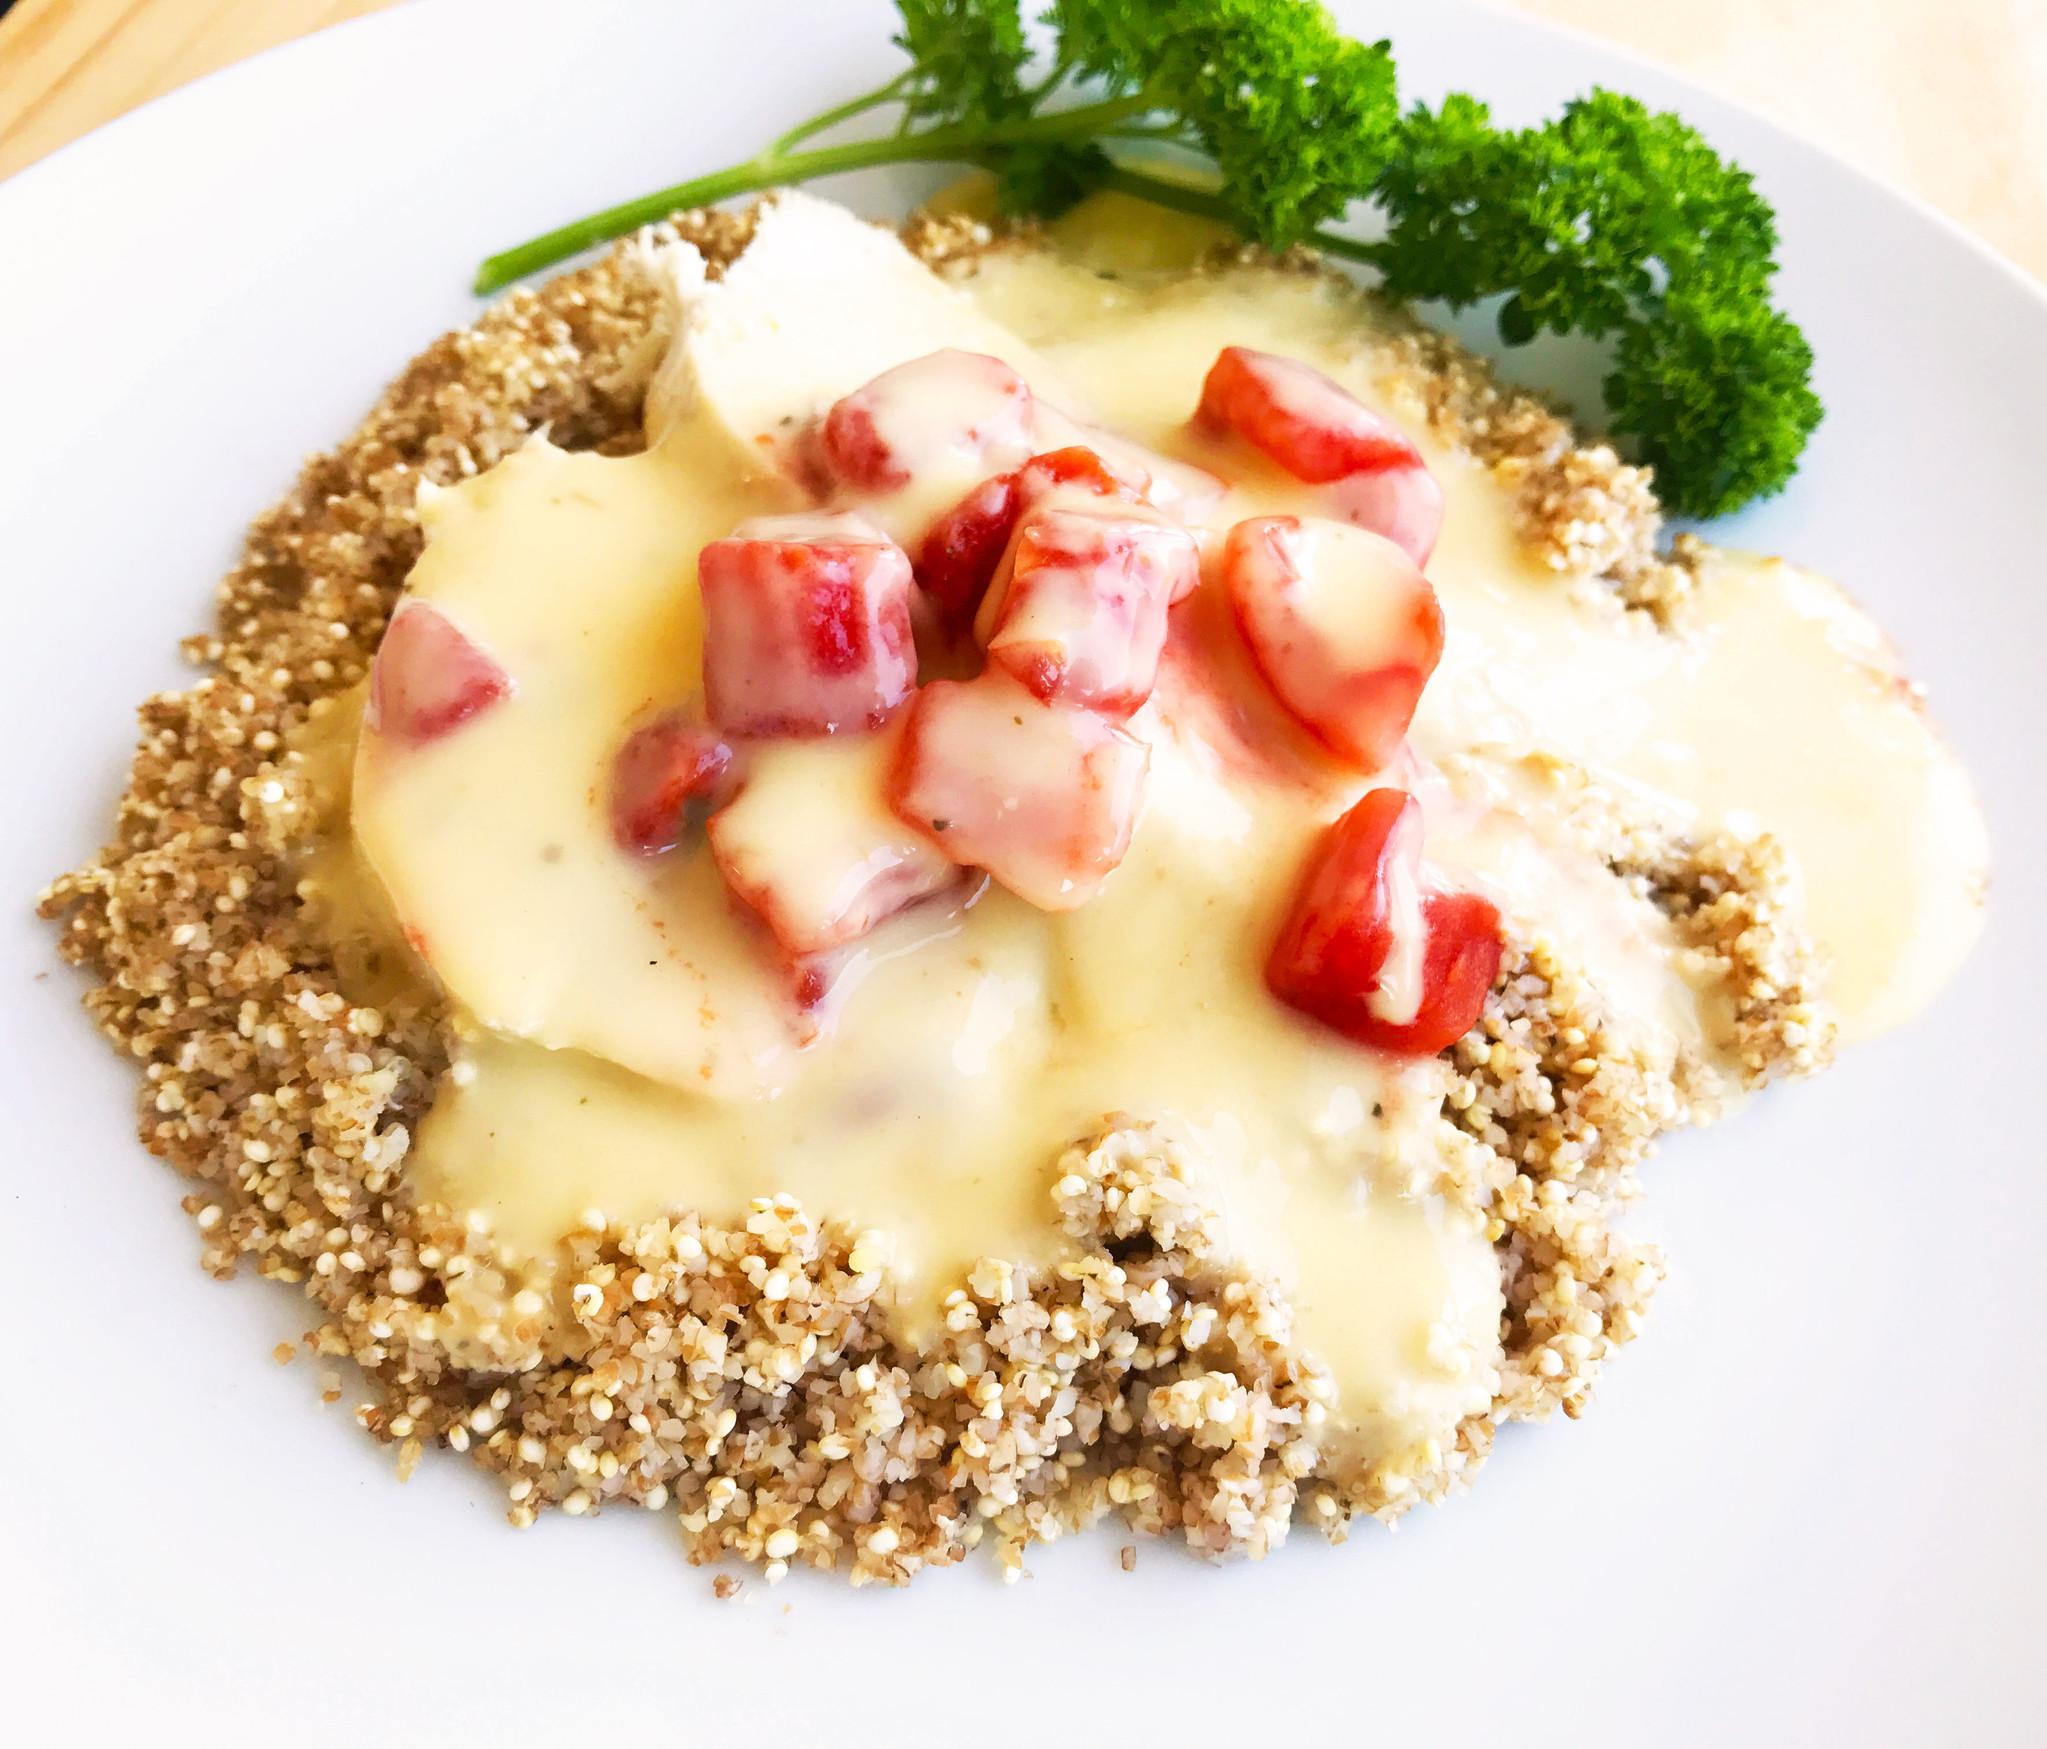 Poulet au pesto maison, aux tomates & au quinoa (175 g)